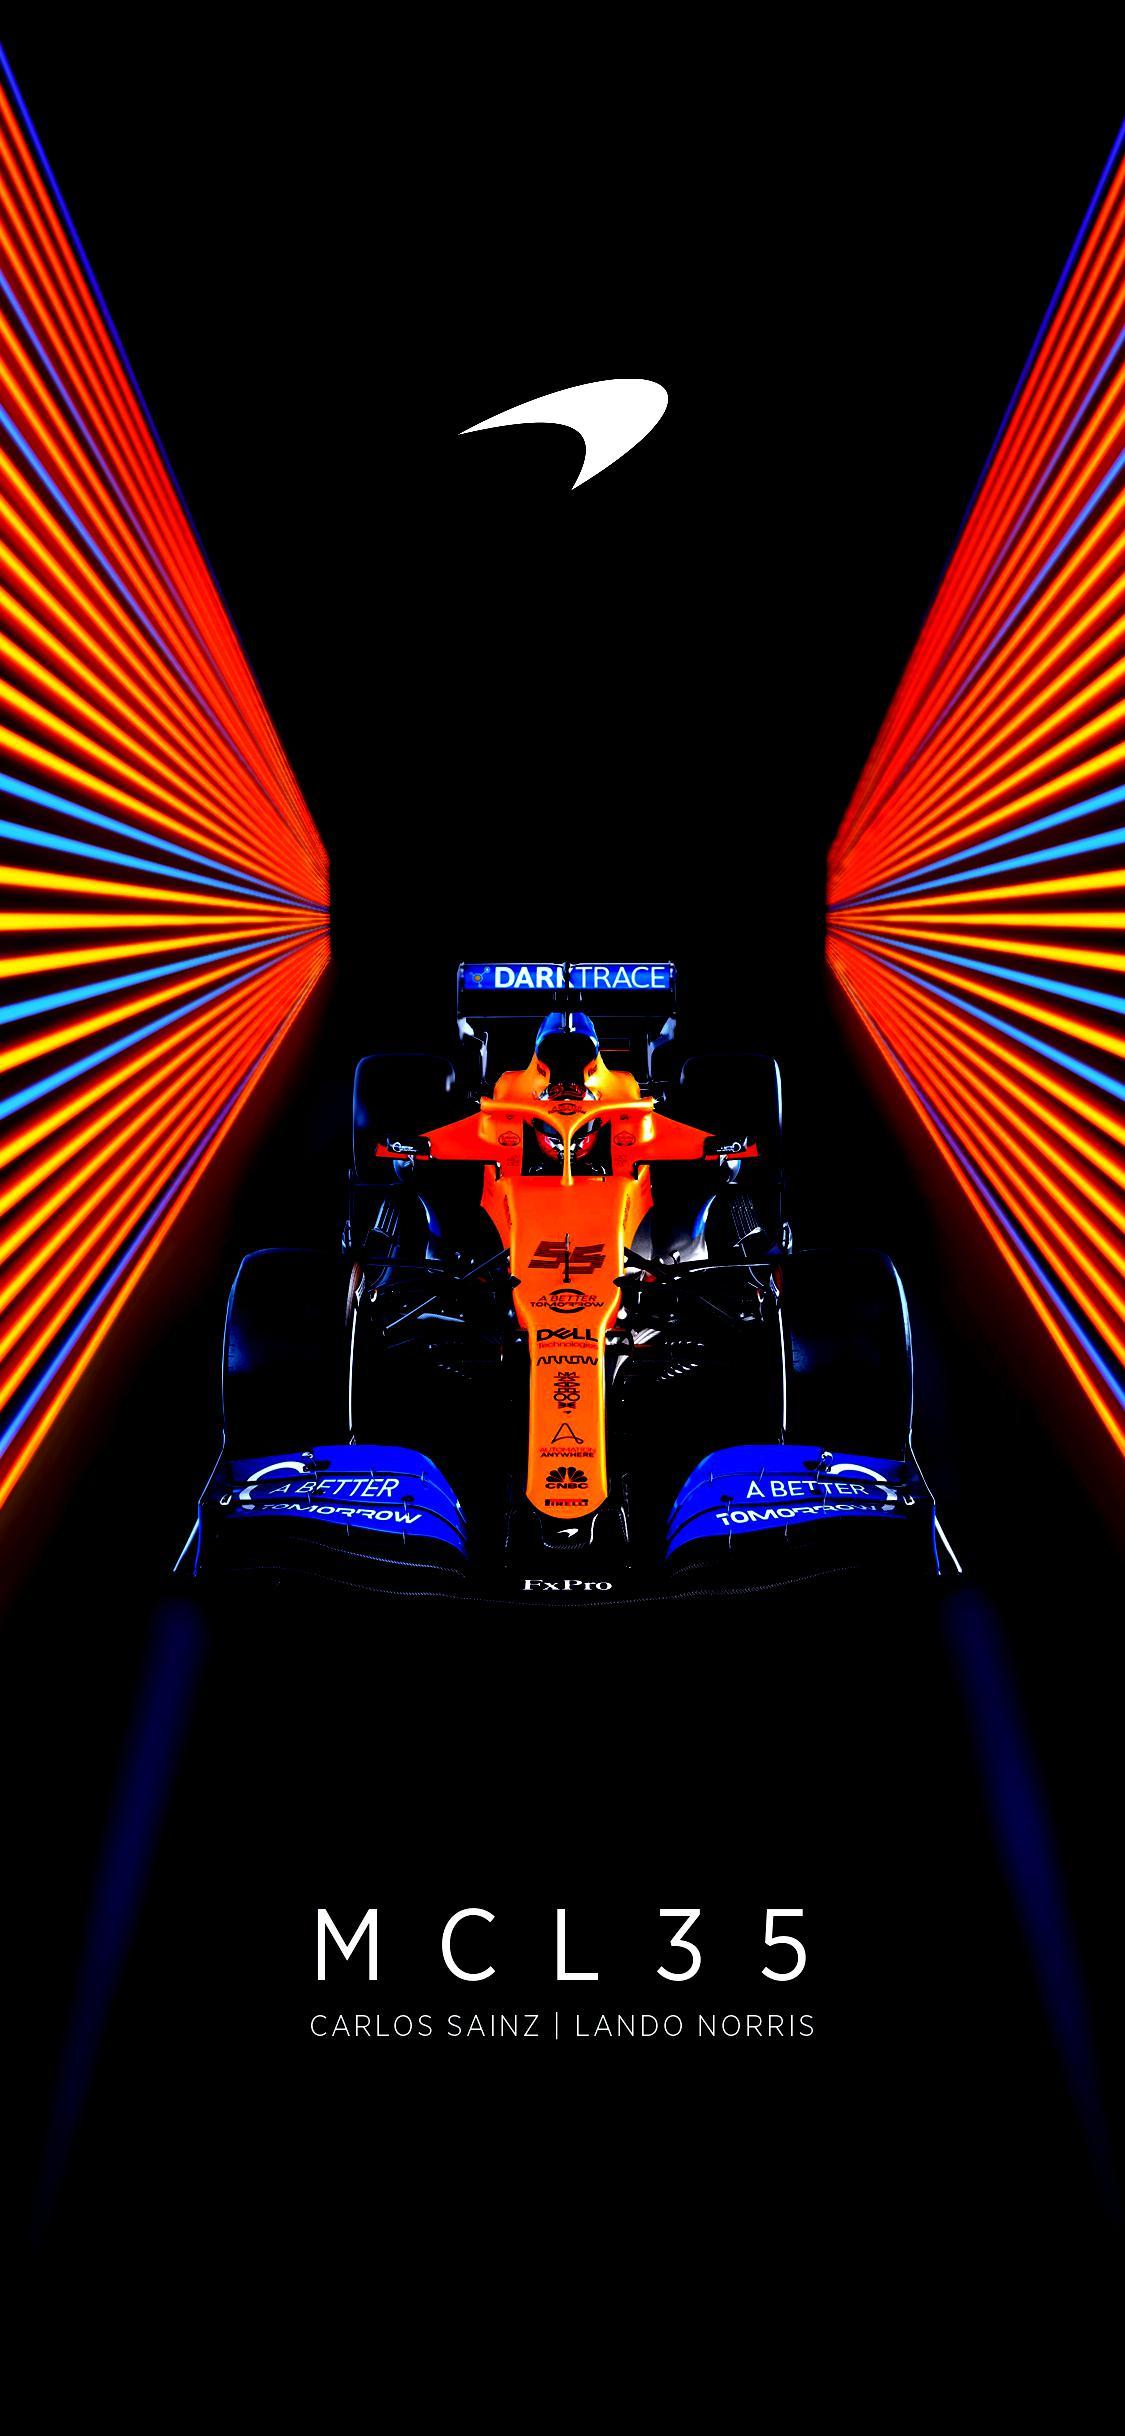 McLaren f1 amolead wallpaper 1125x2436 formula1 1125x2436